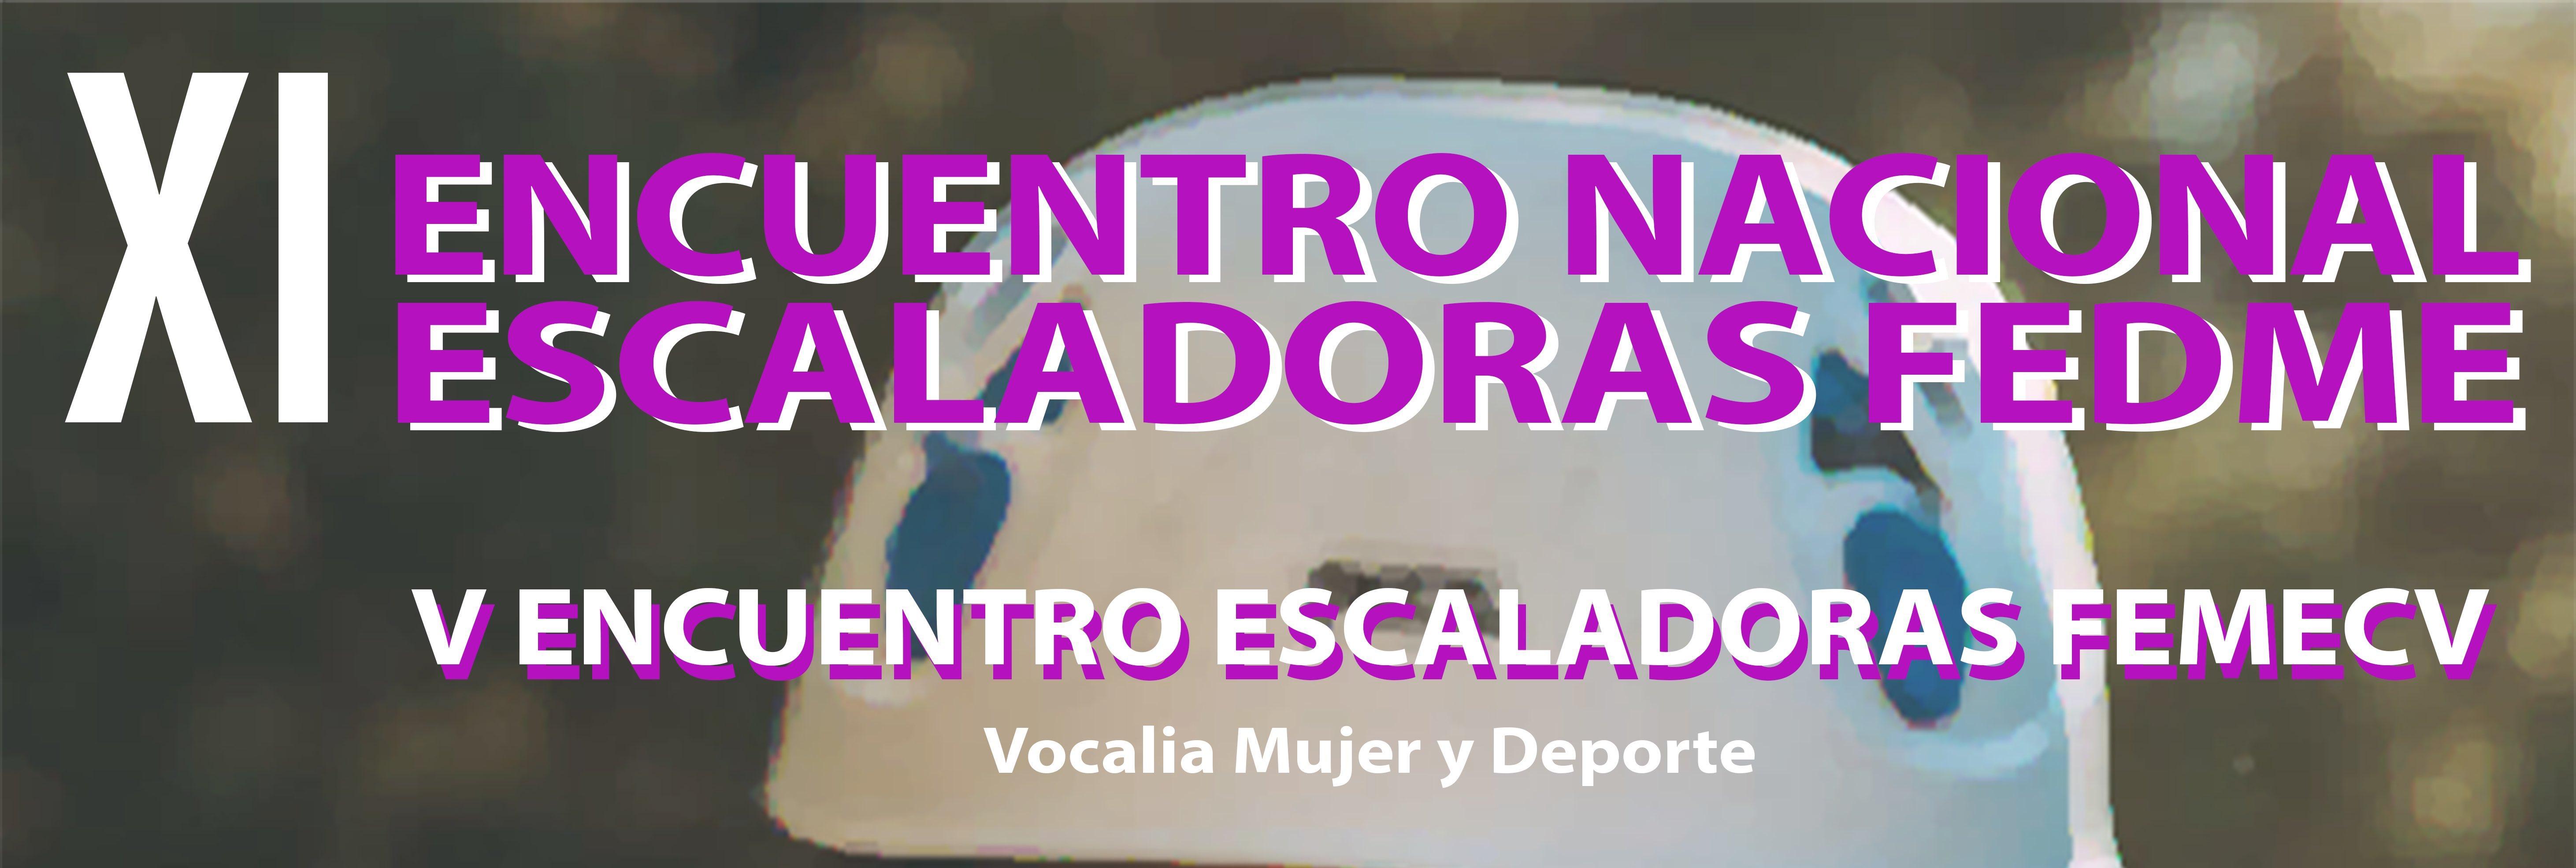 (Español) XI Encuentro Nacional de Escaladoras FEDME